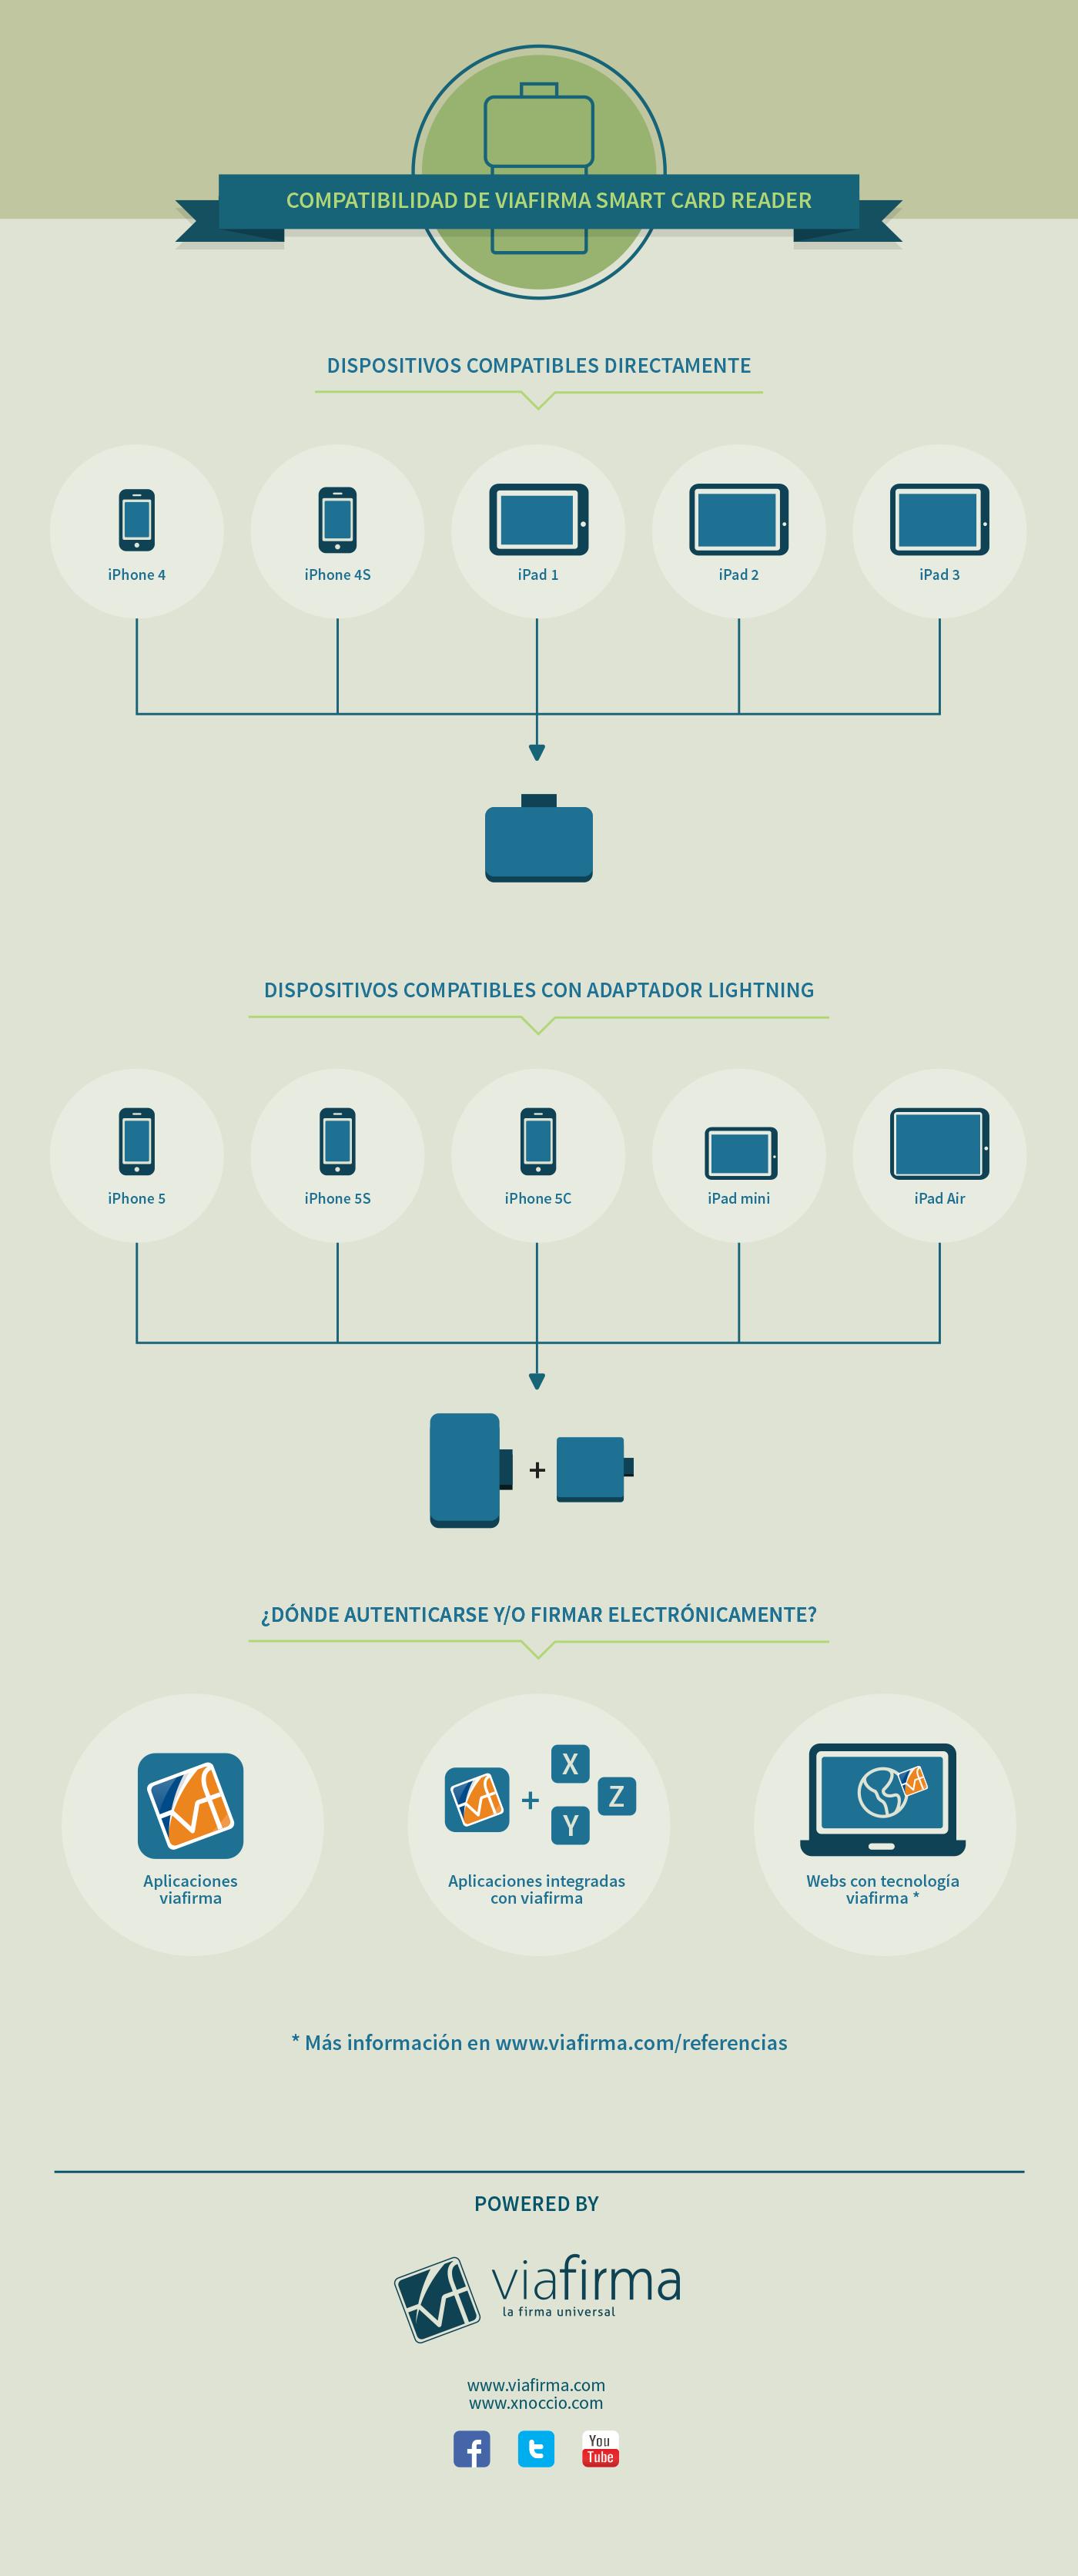 Compatibilidad smartcard reader